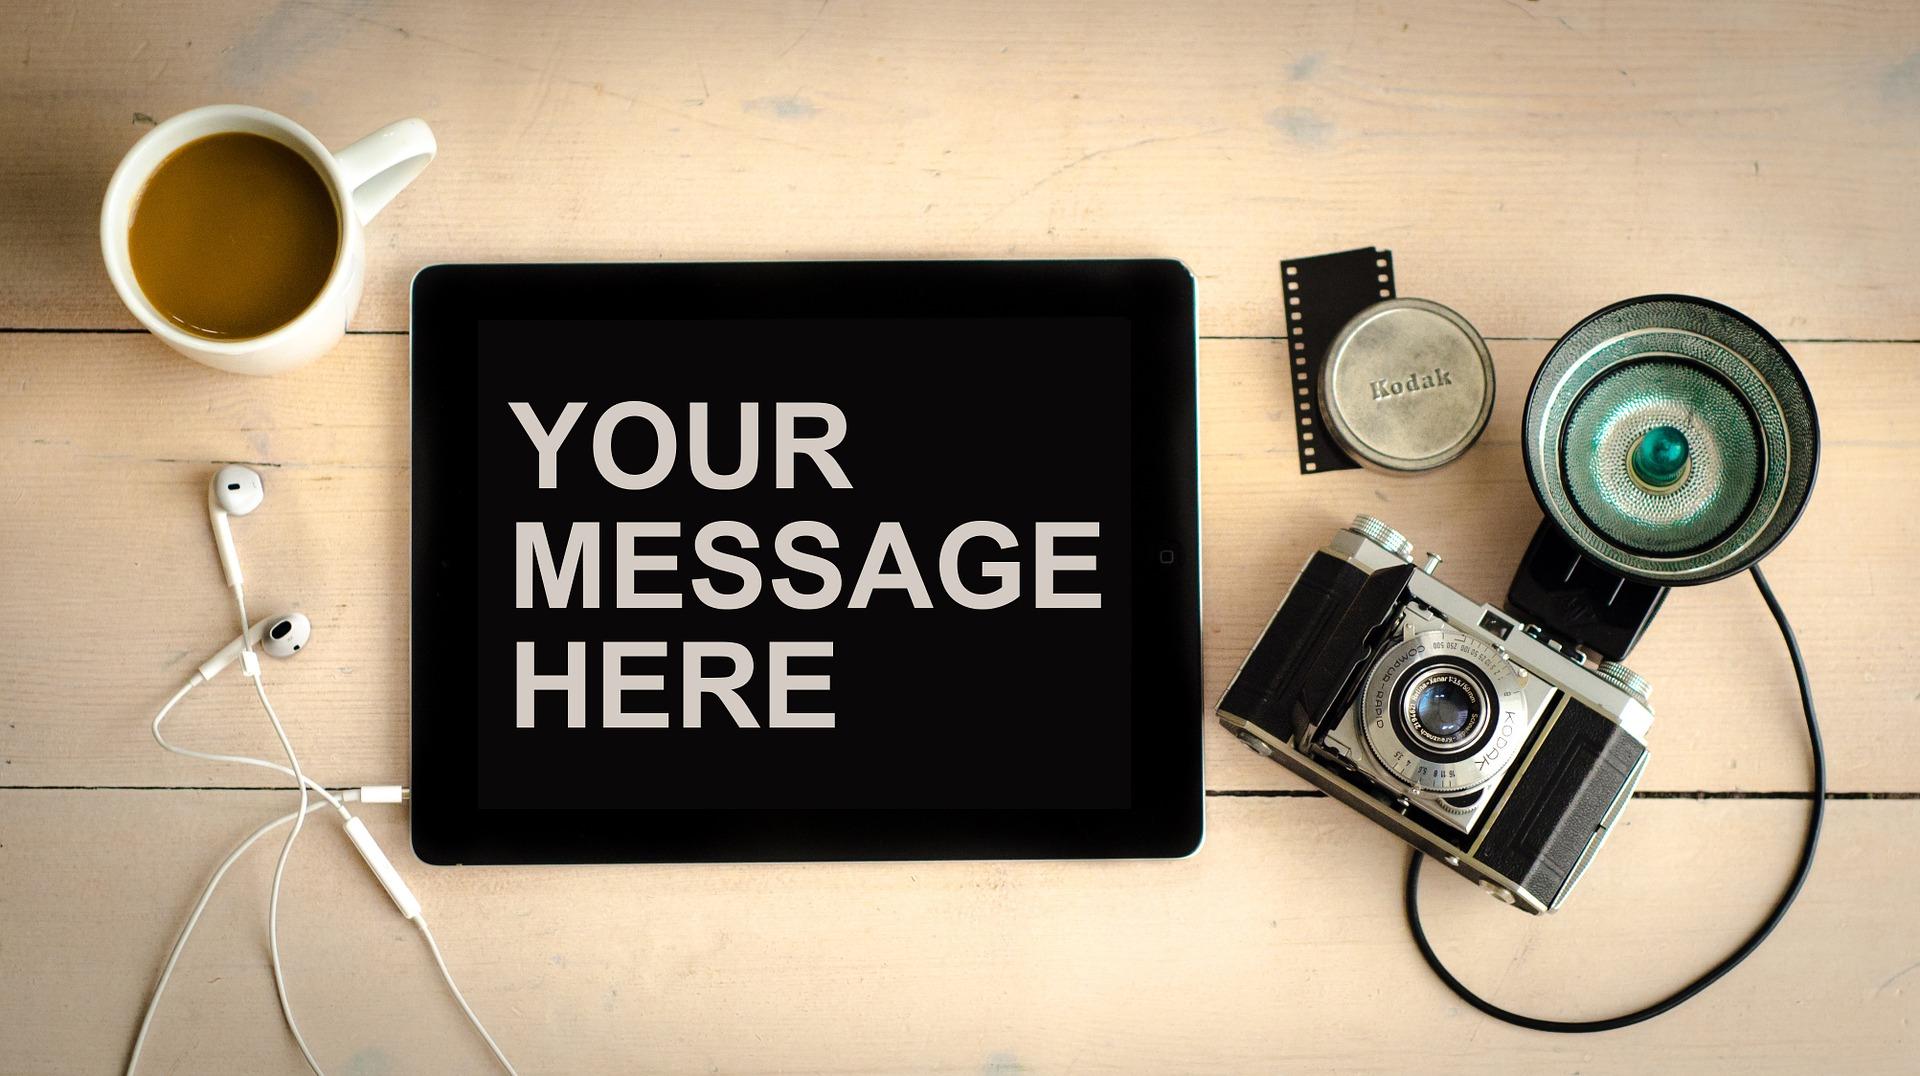 Aufforderung zum Senden eines Kontaktformulars